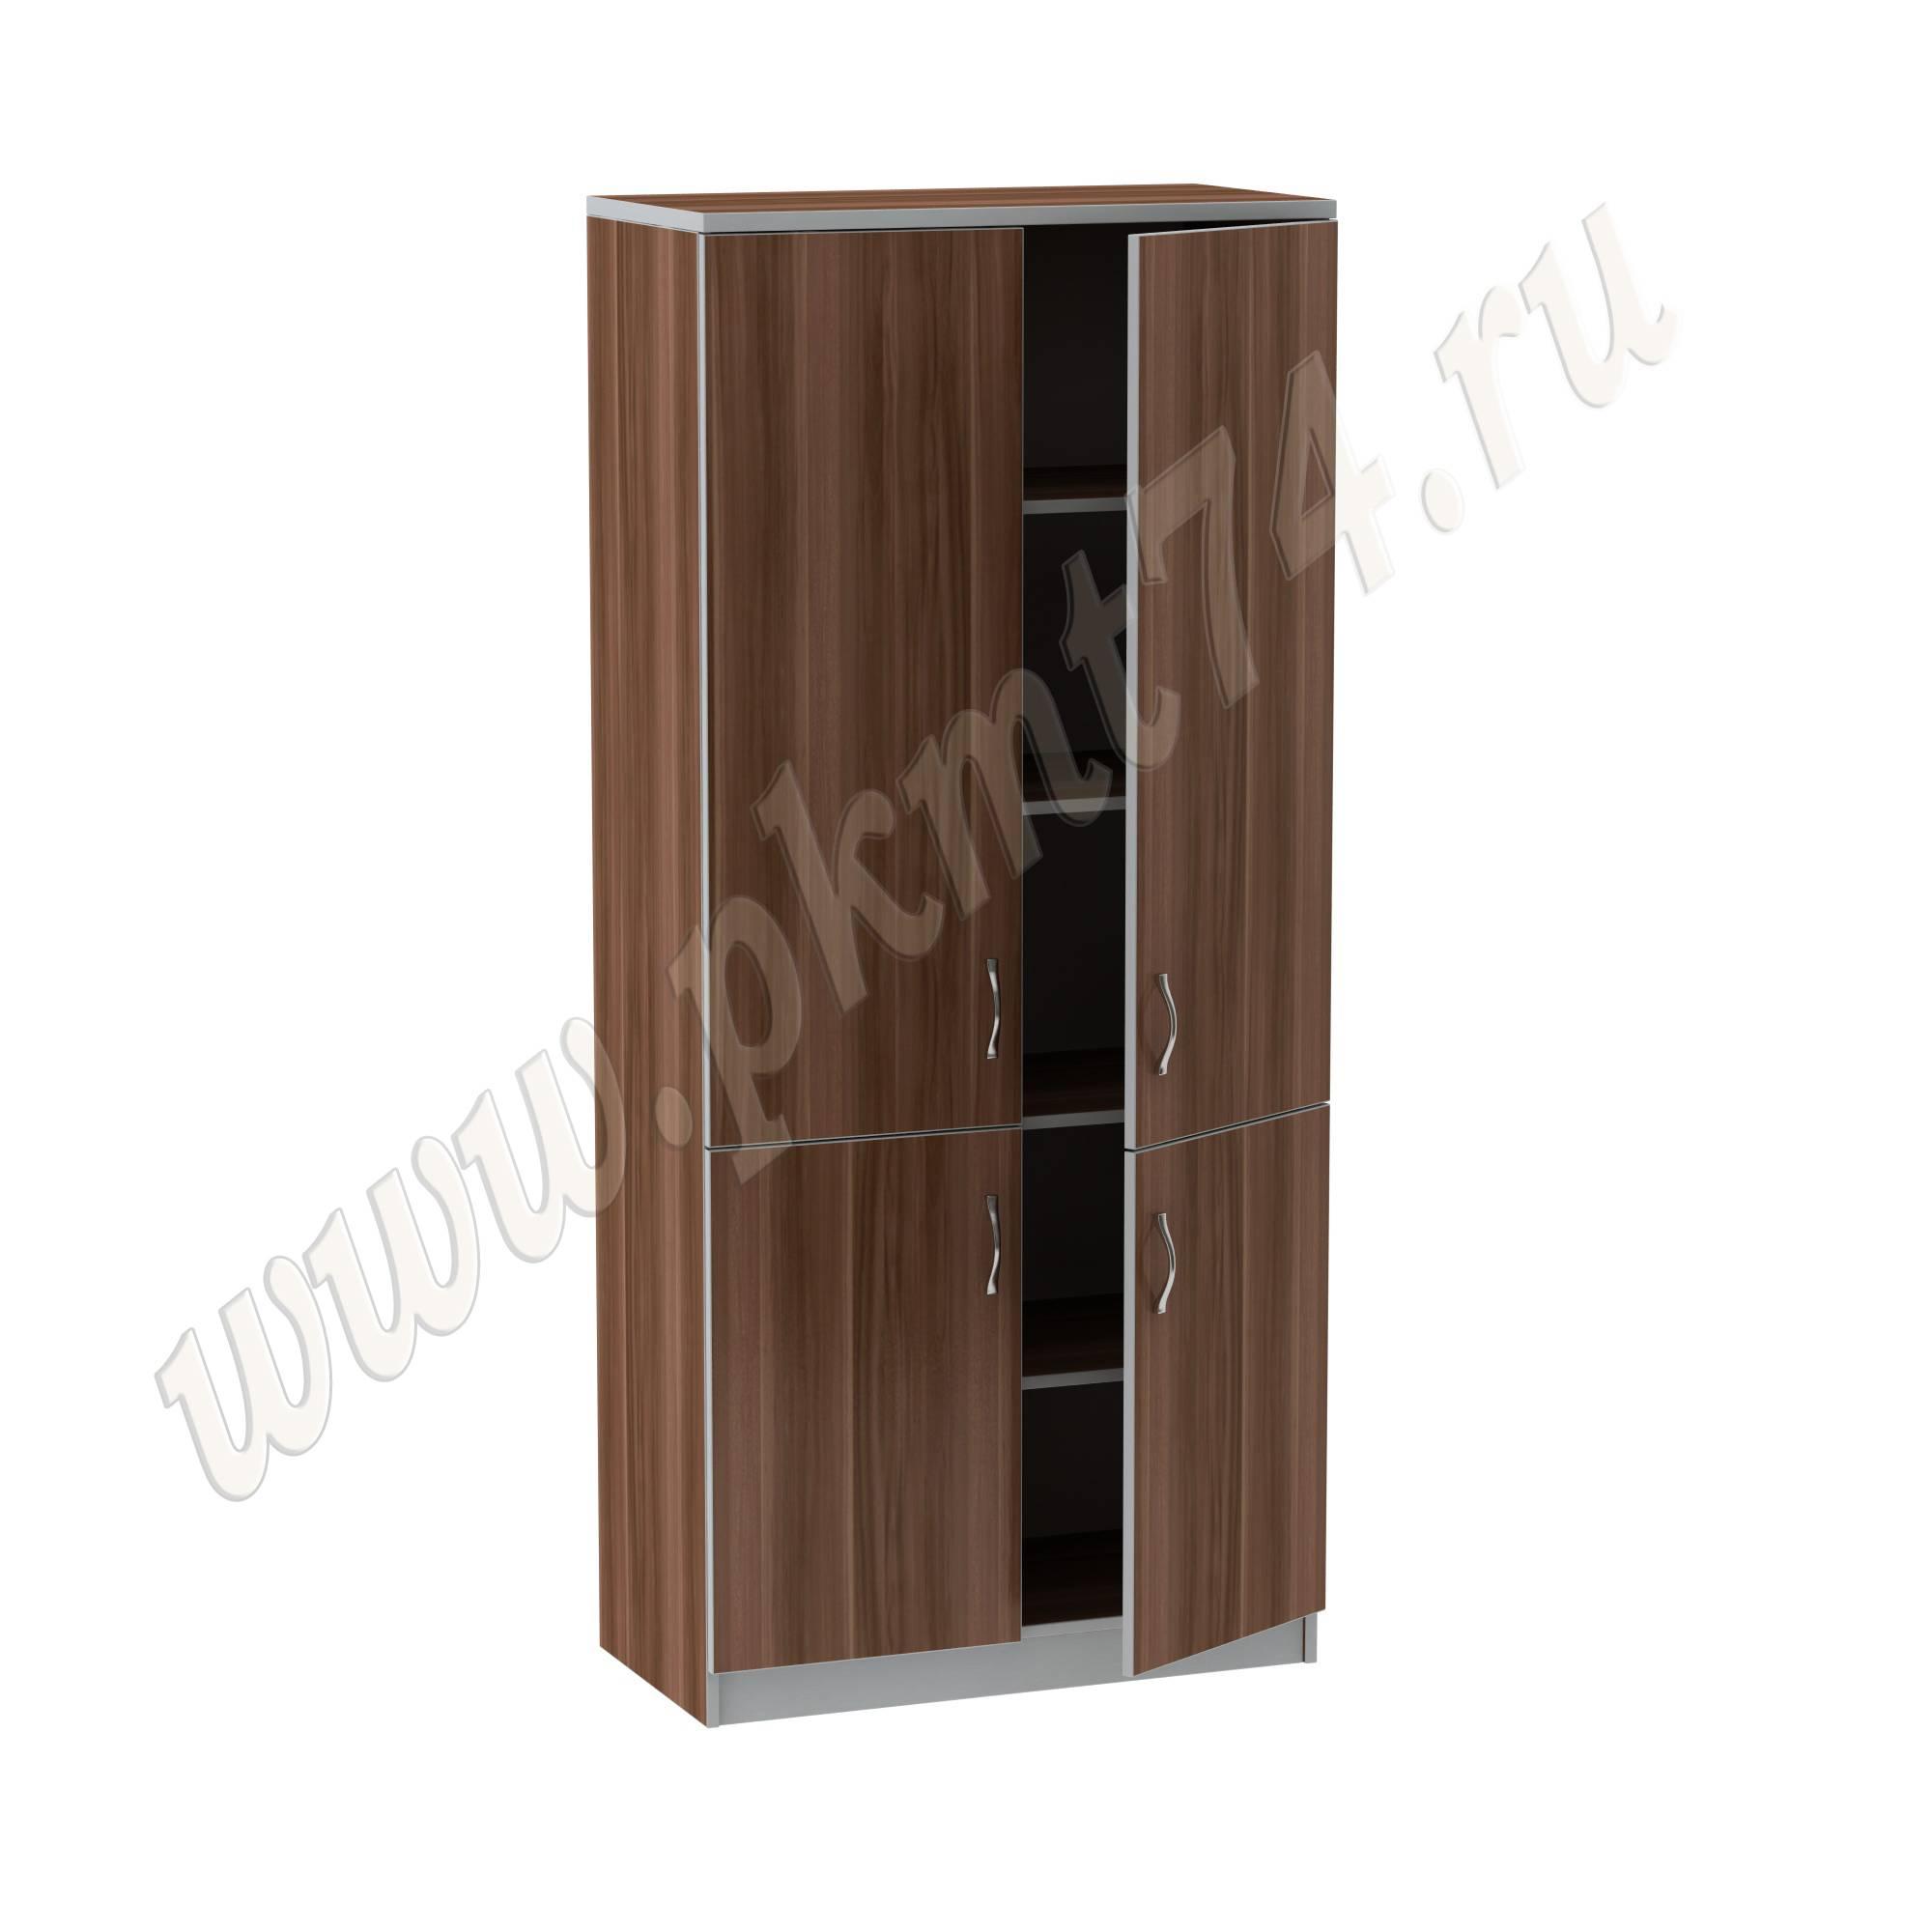 Шкаф с полками для документов МТ 14-24 Слива-Алюминий